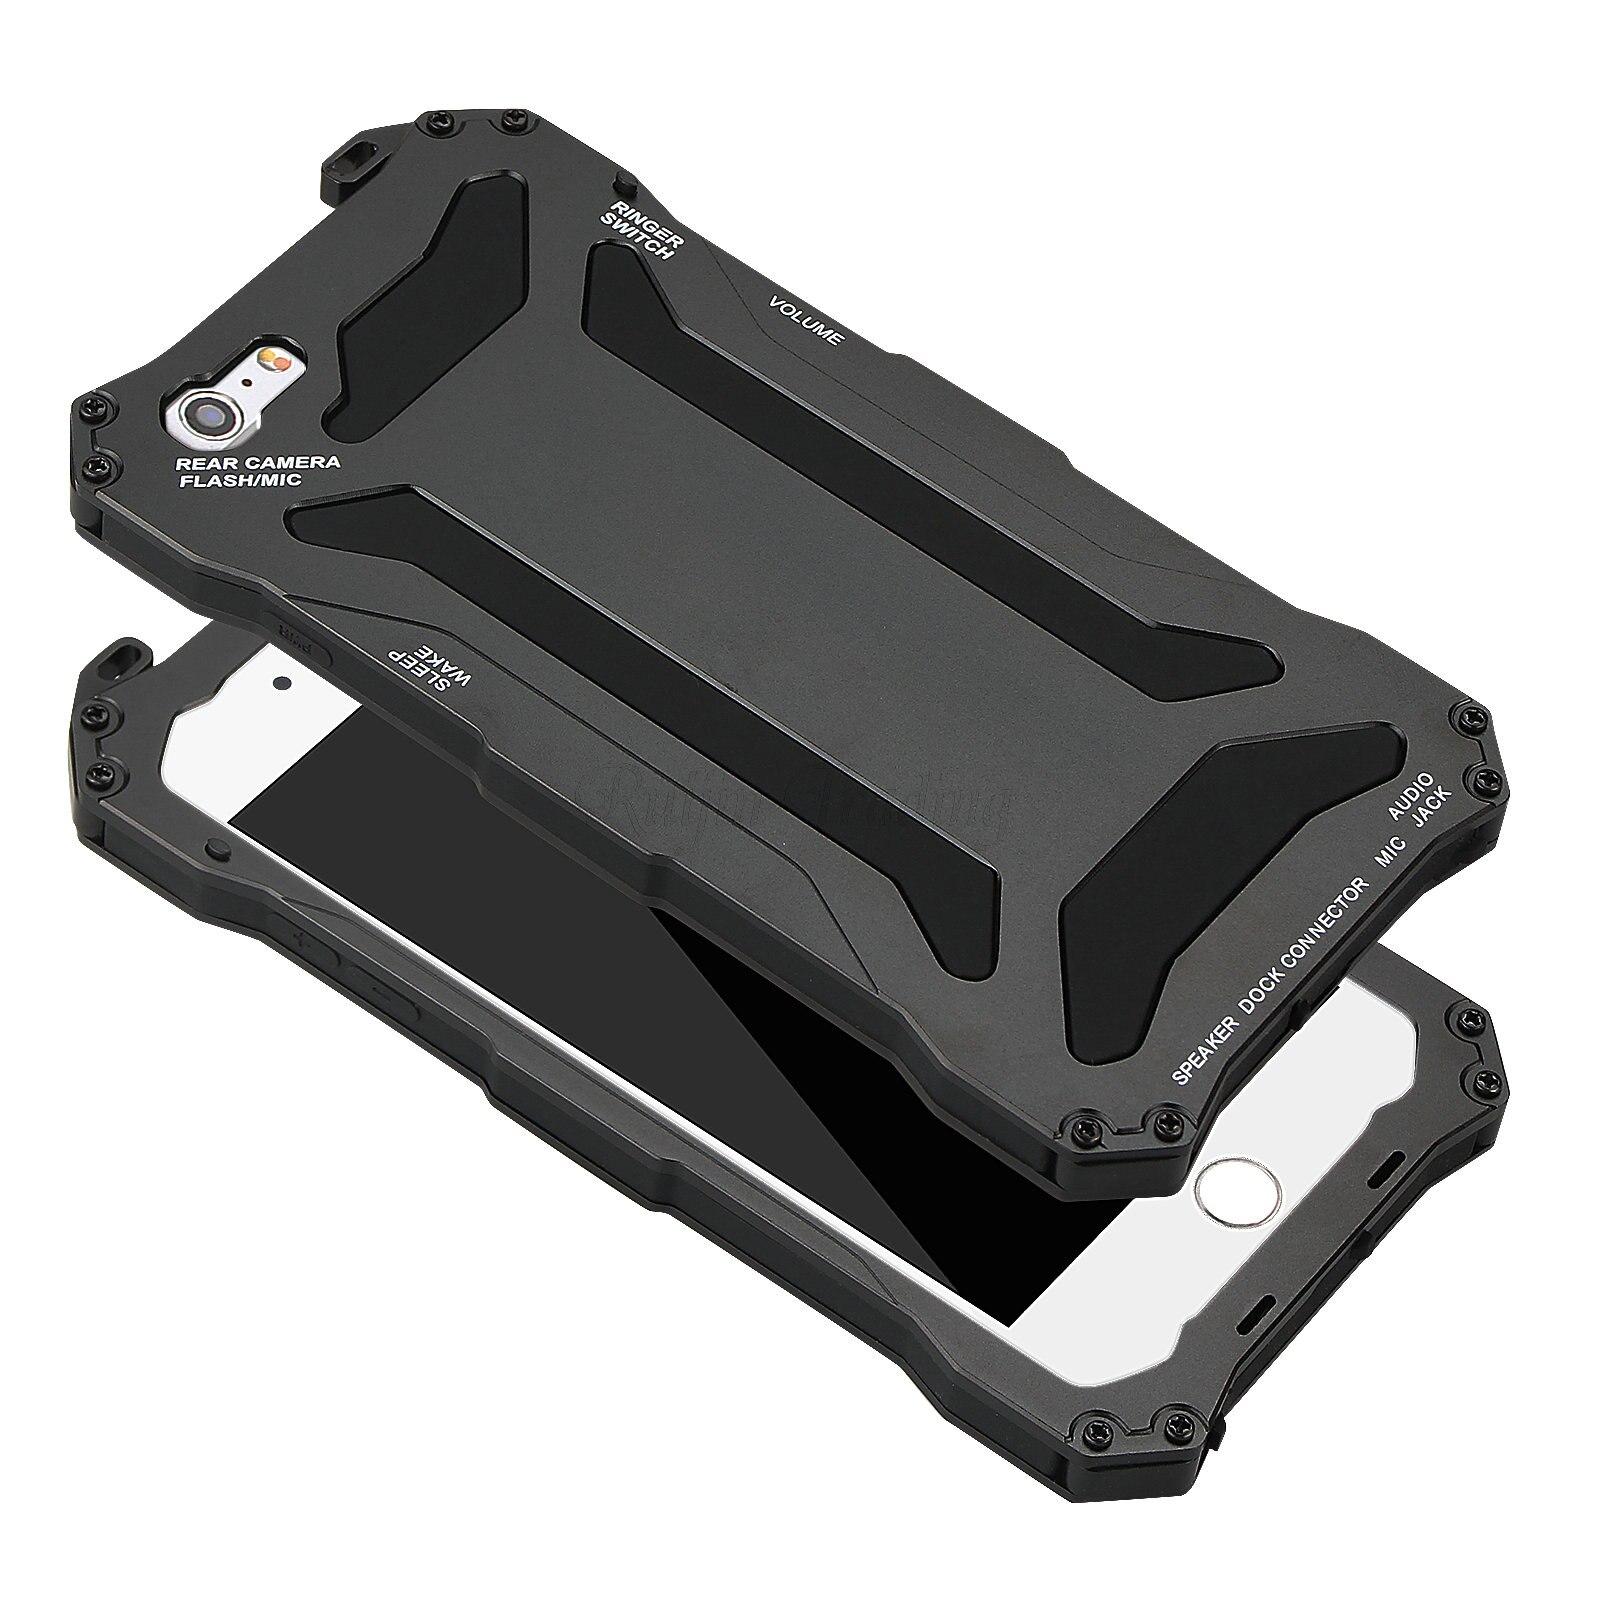 imágenes para Caja Del Teléfono Para el iphone 5 5S IPX3 SE 6 6 s Plus de lujo de Aluminio Gorilla Glass de Metal Cubierta Del Teléfono Celular A Prueba de Golpes A Prueba de agua de Gran Alcance